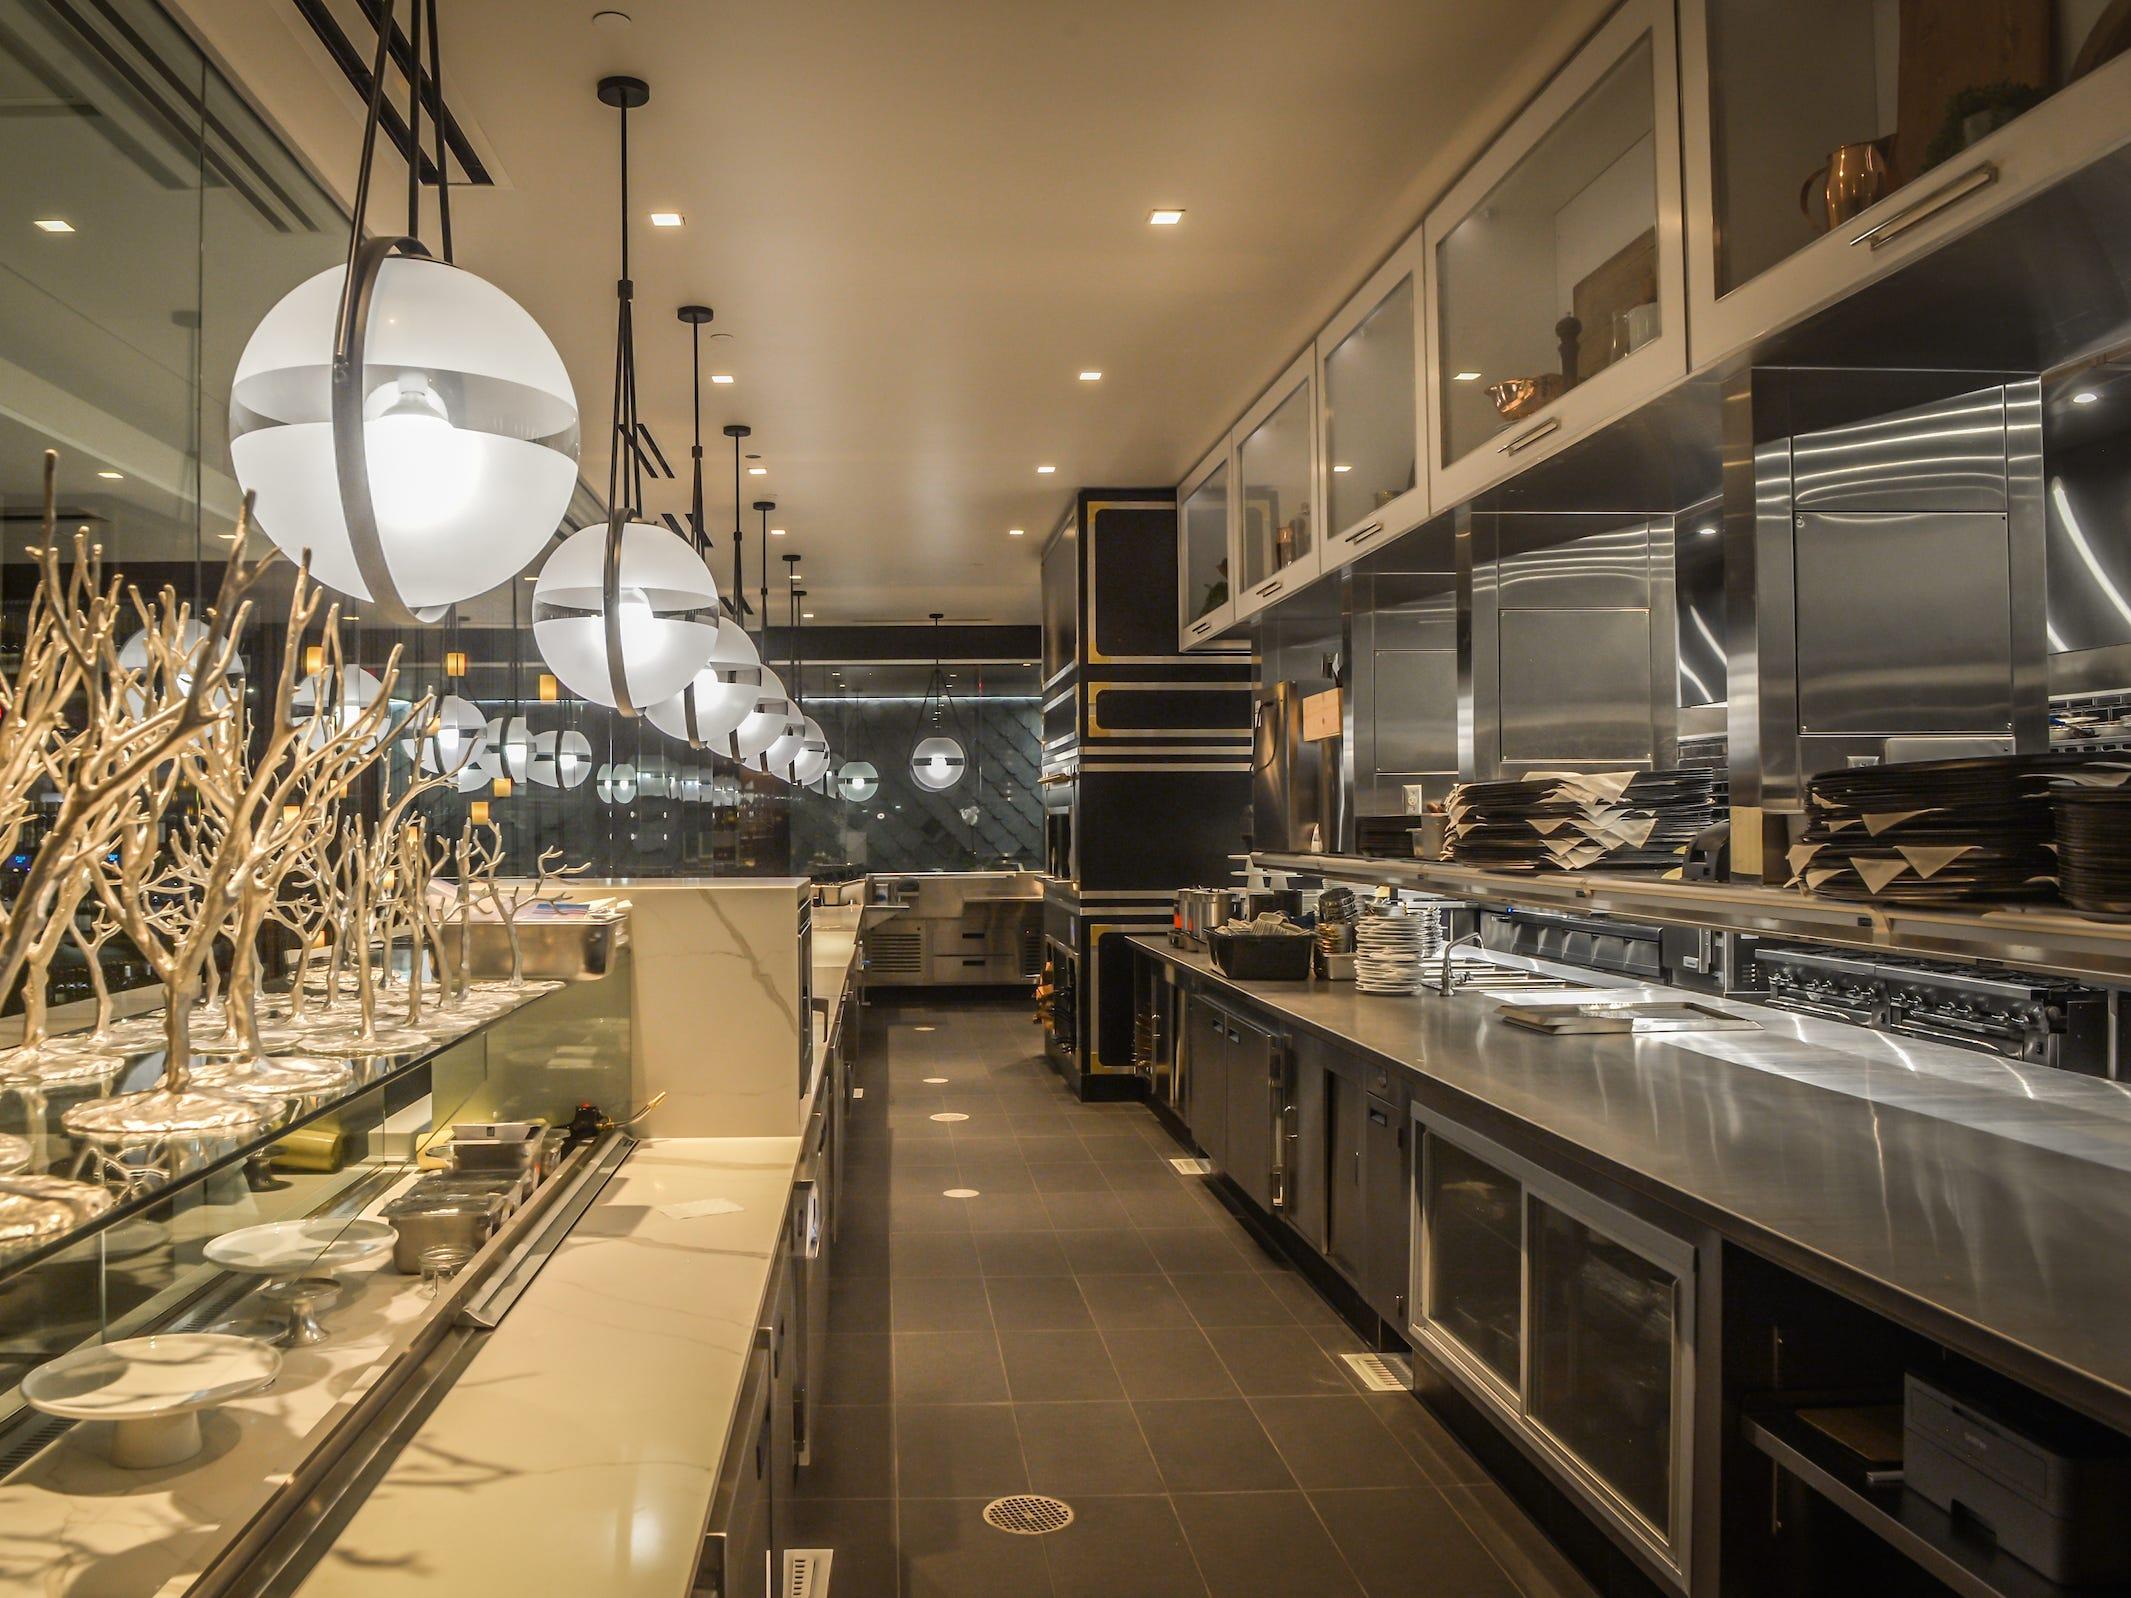 The kitchen inside Ocean 44 in Scottsdale.